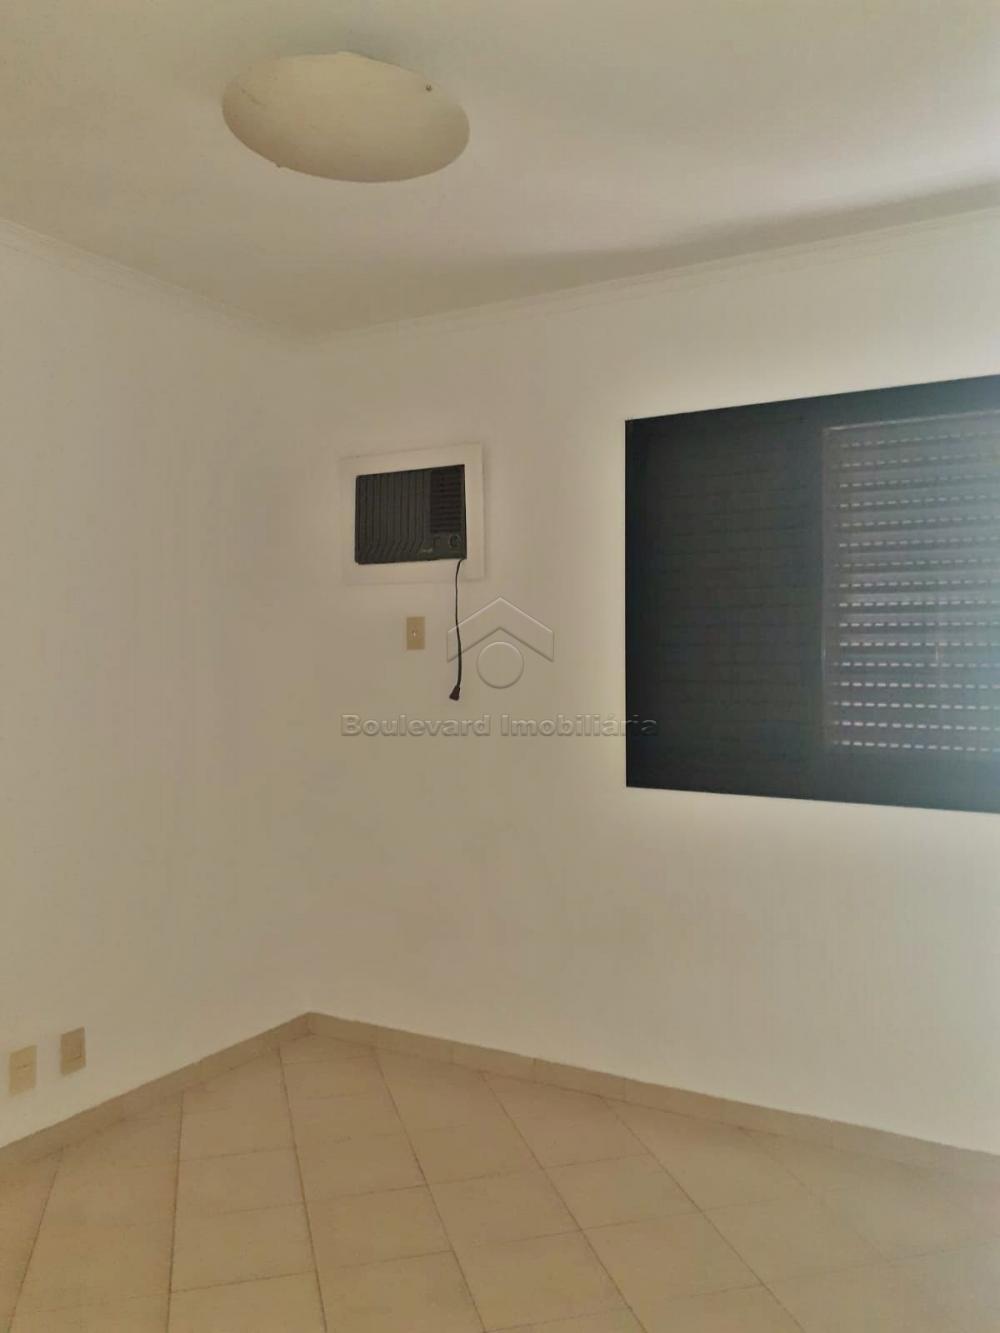 Alugar Apartamento / Padrão em Ribeirão Preto R$ 2.600,00 - Foto 11